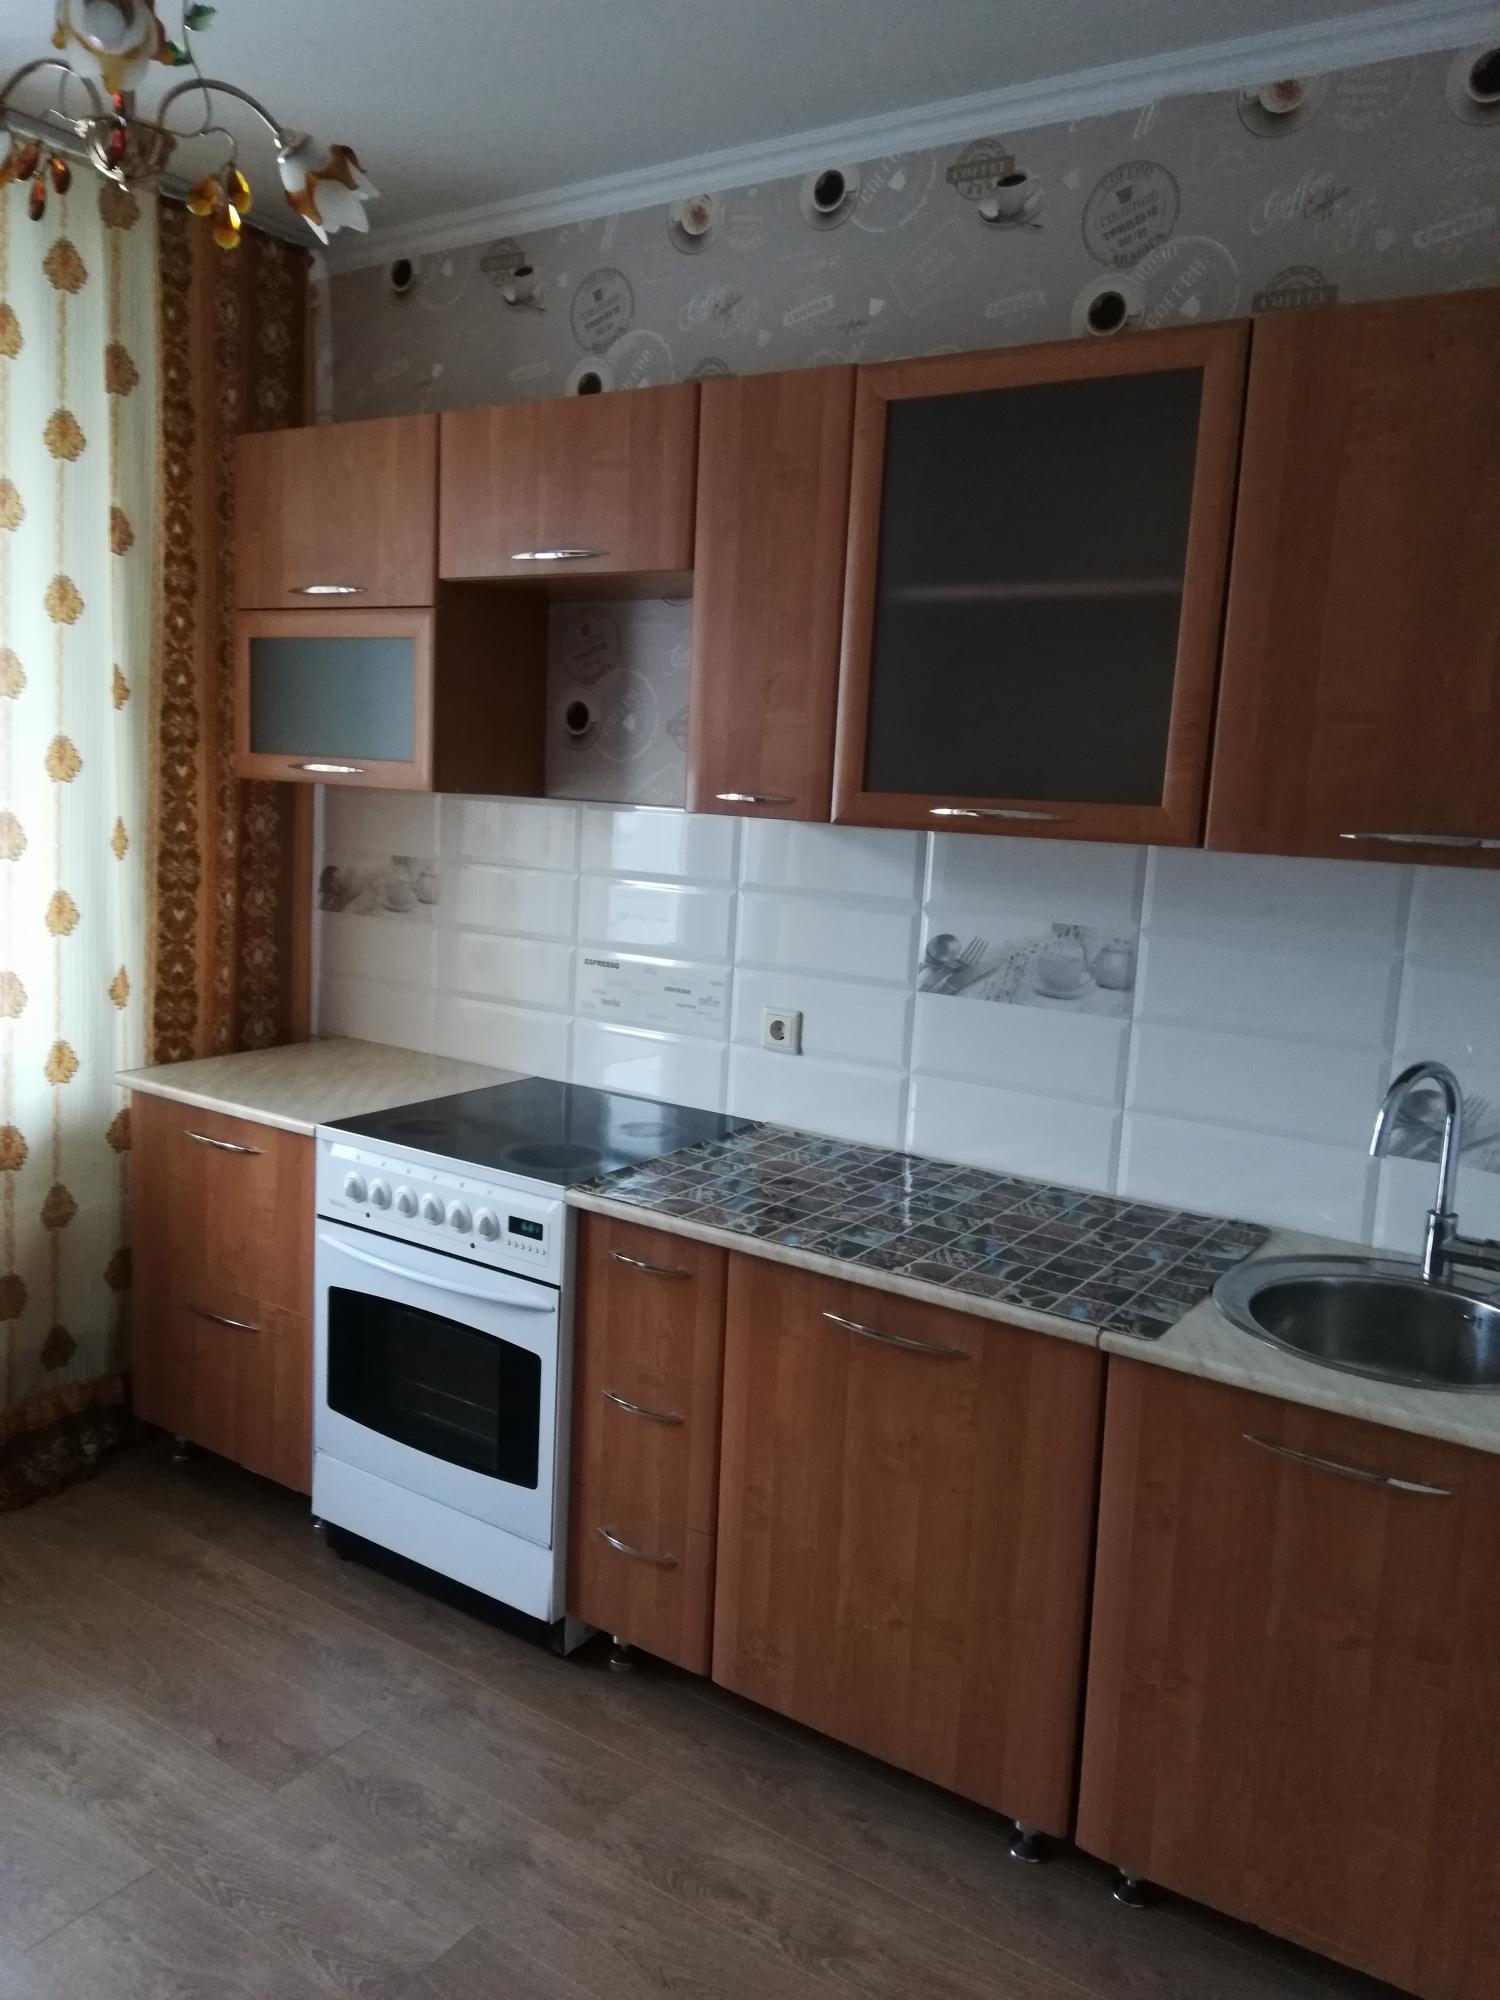 1к квартира улица Урванцева, д. | 15000 | аренда в Красноярске фото 0